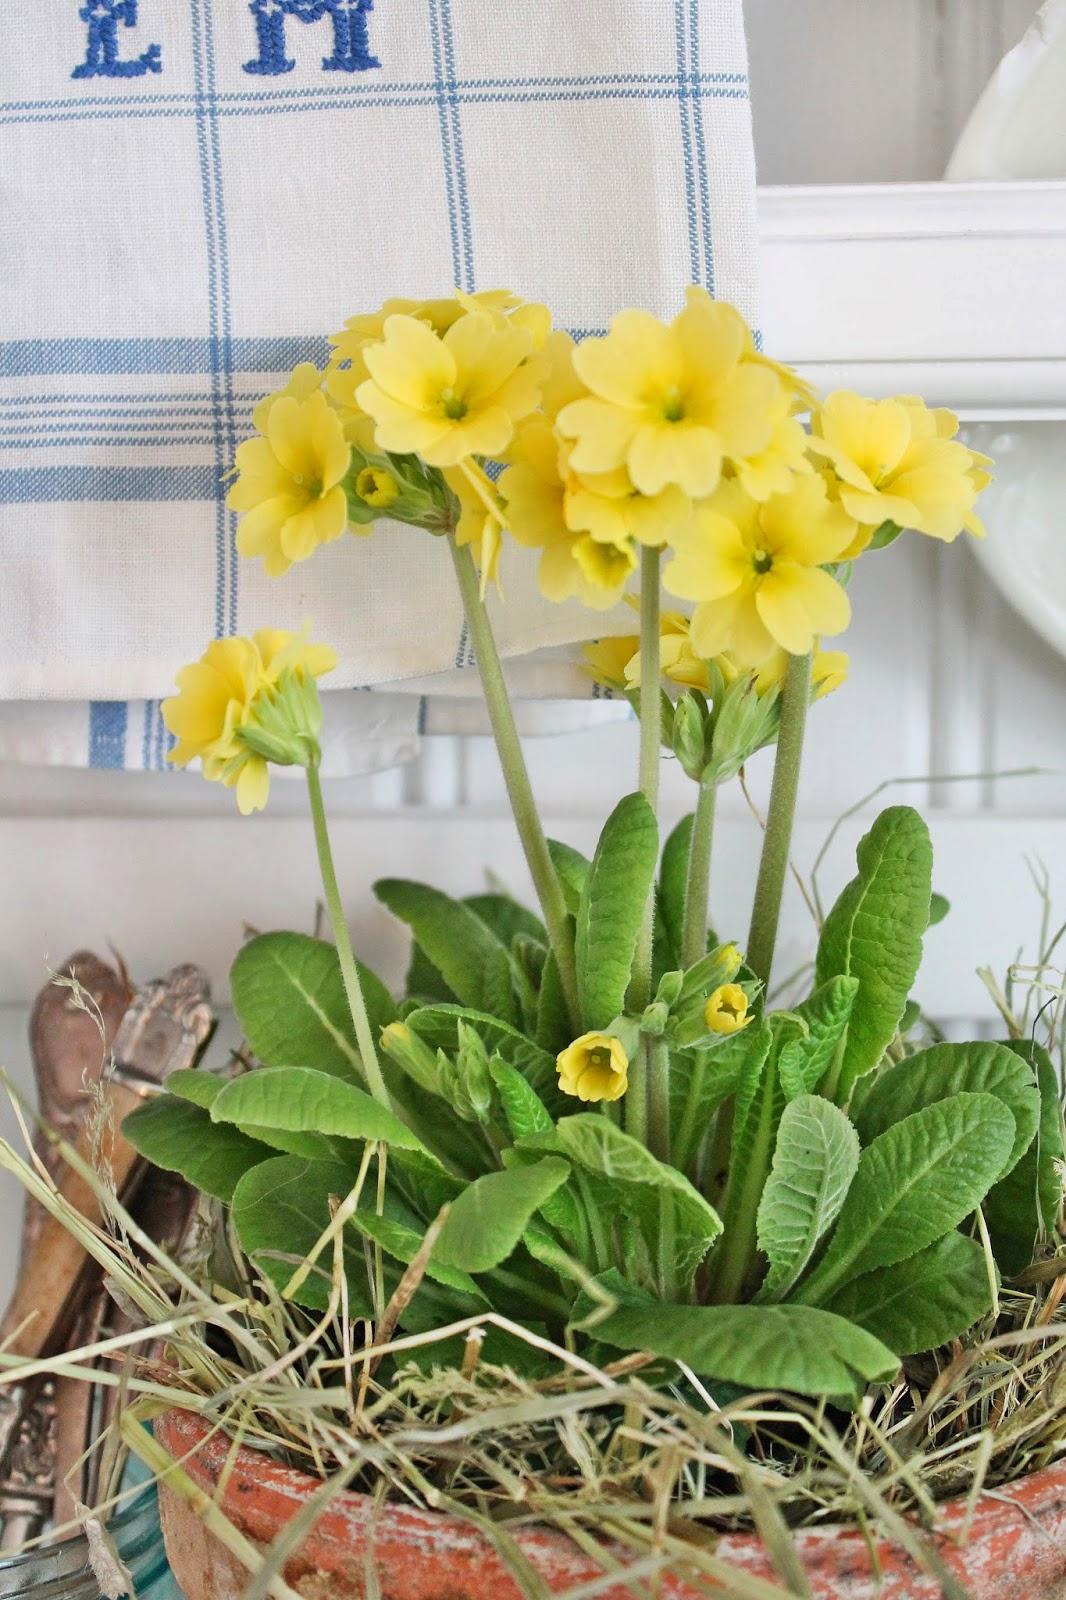 dekor/vesennie-cvety-k-pashe-foto-3.jpg